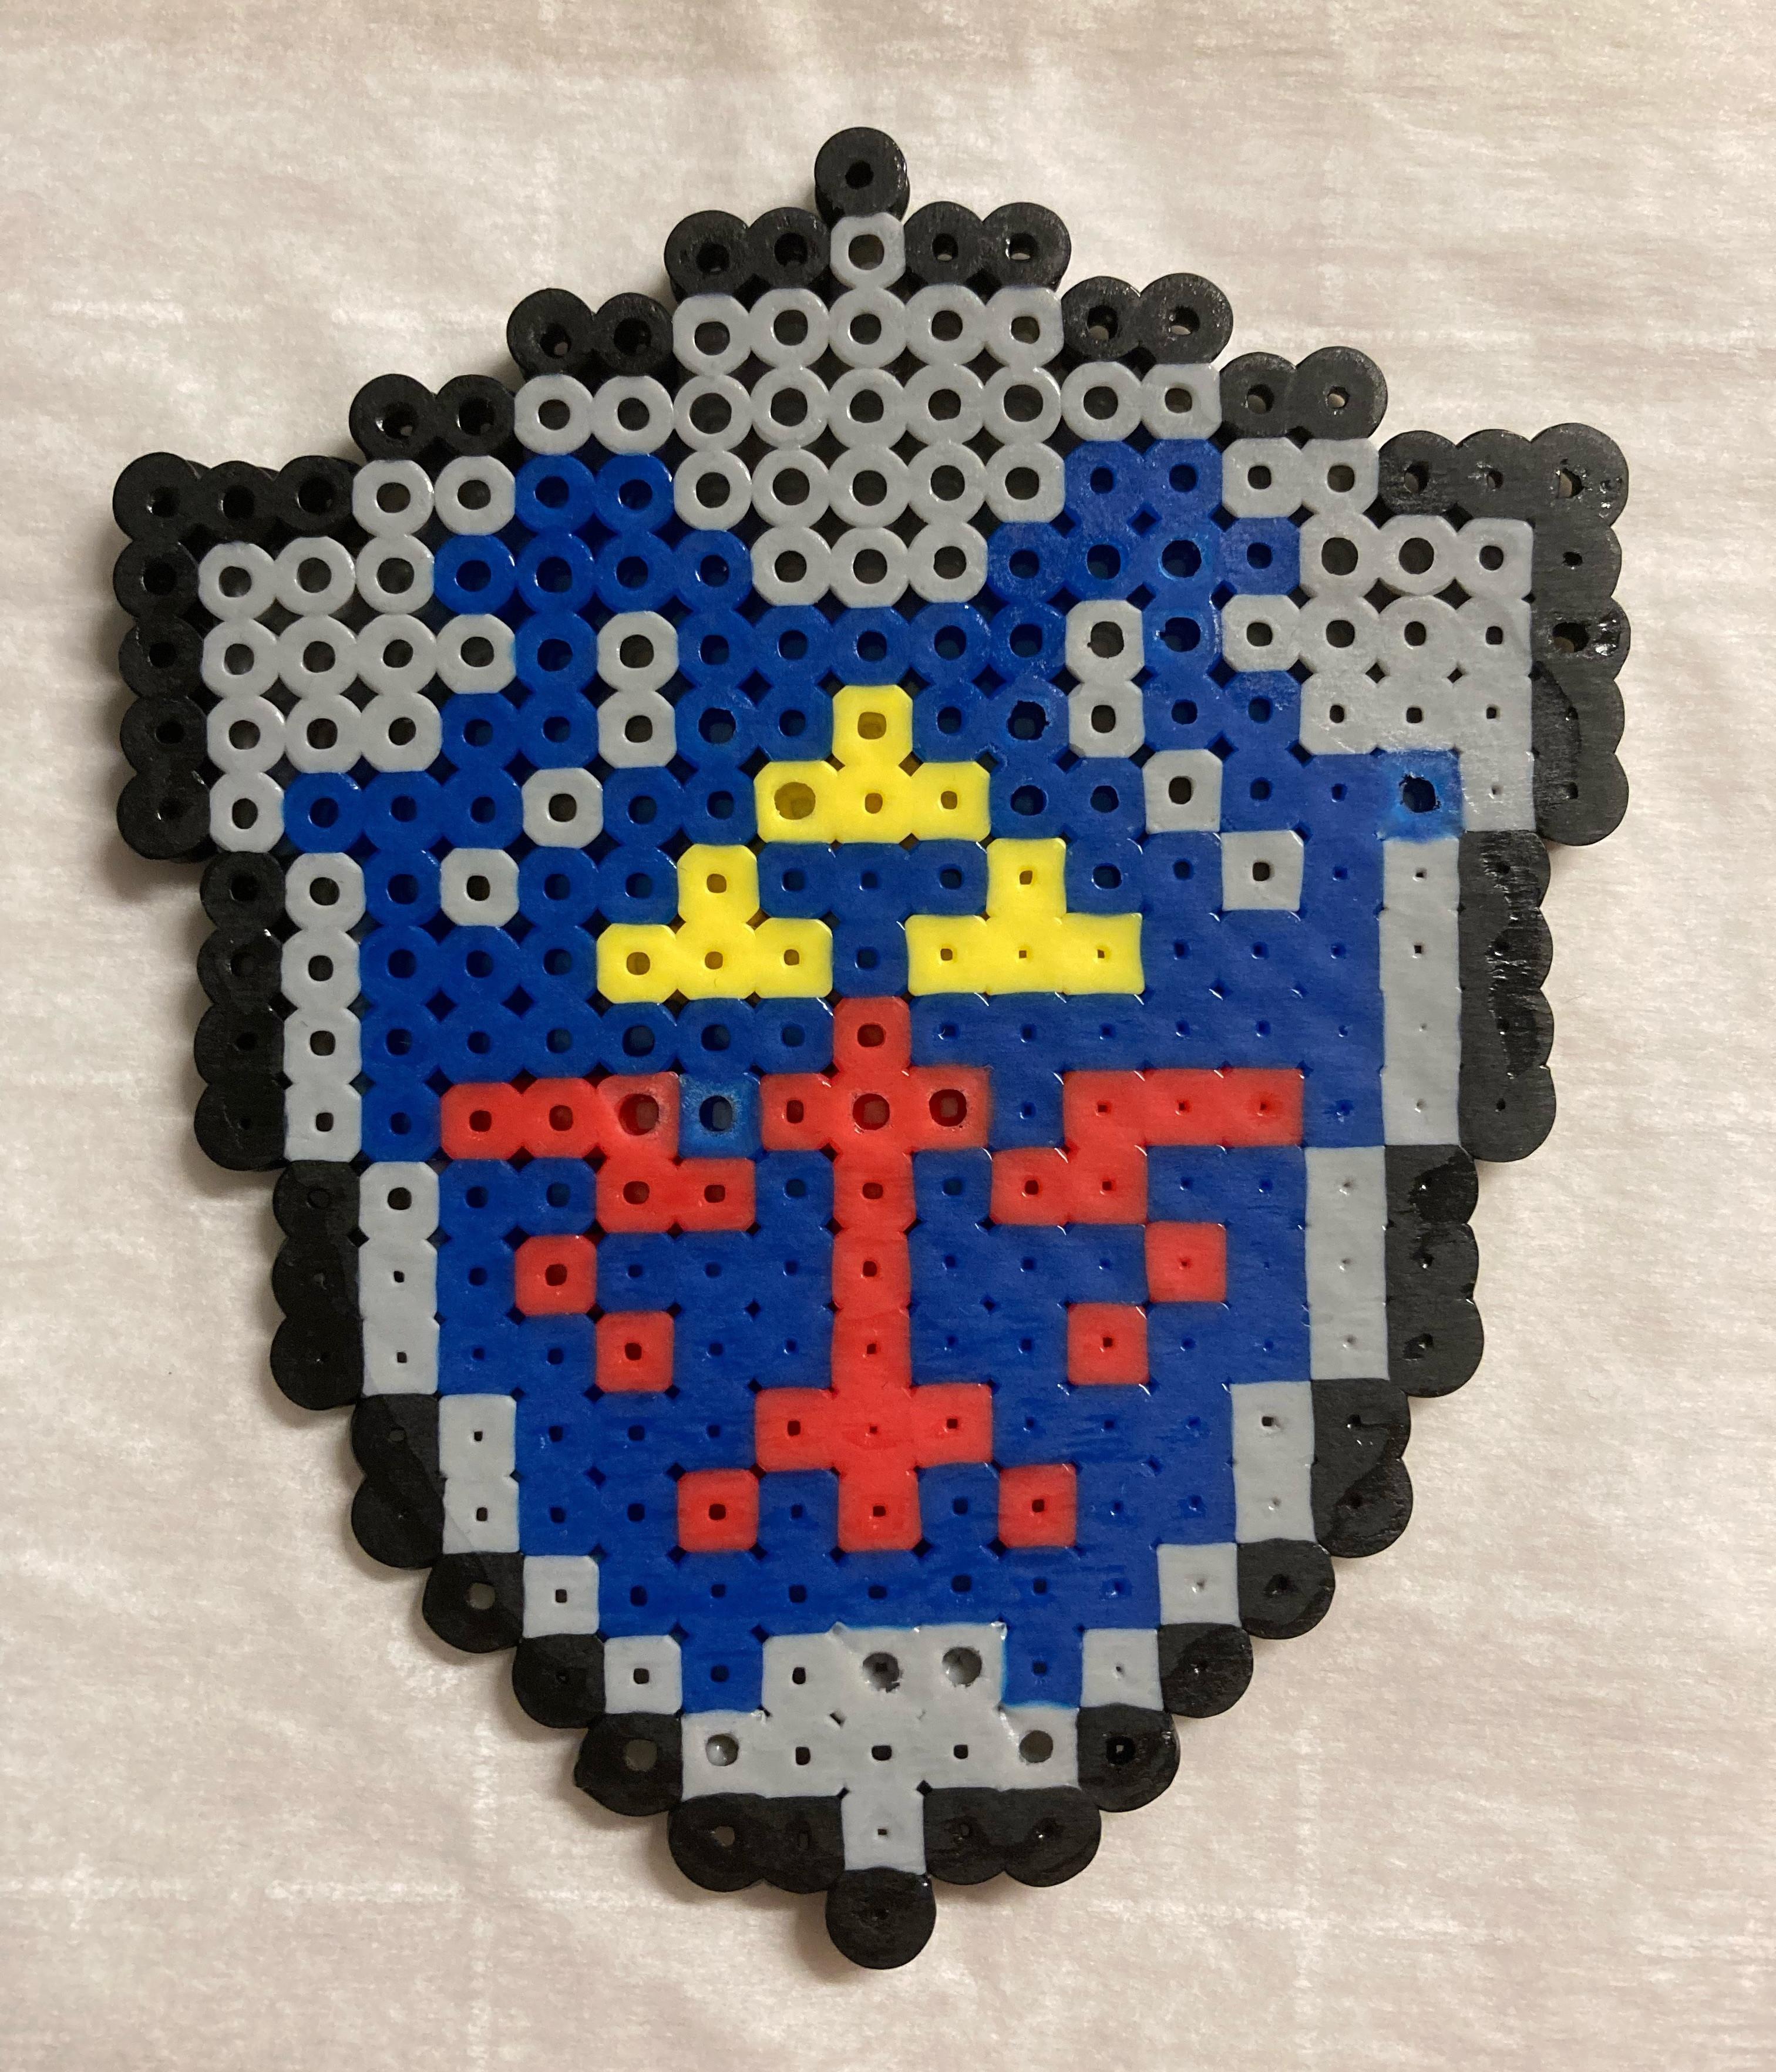 Pixel Art with Perler Beads